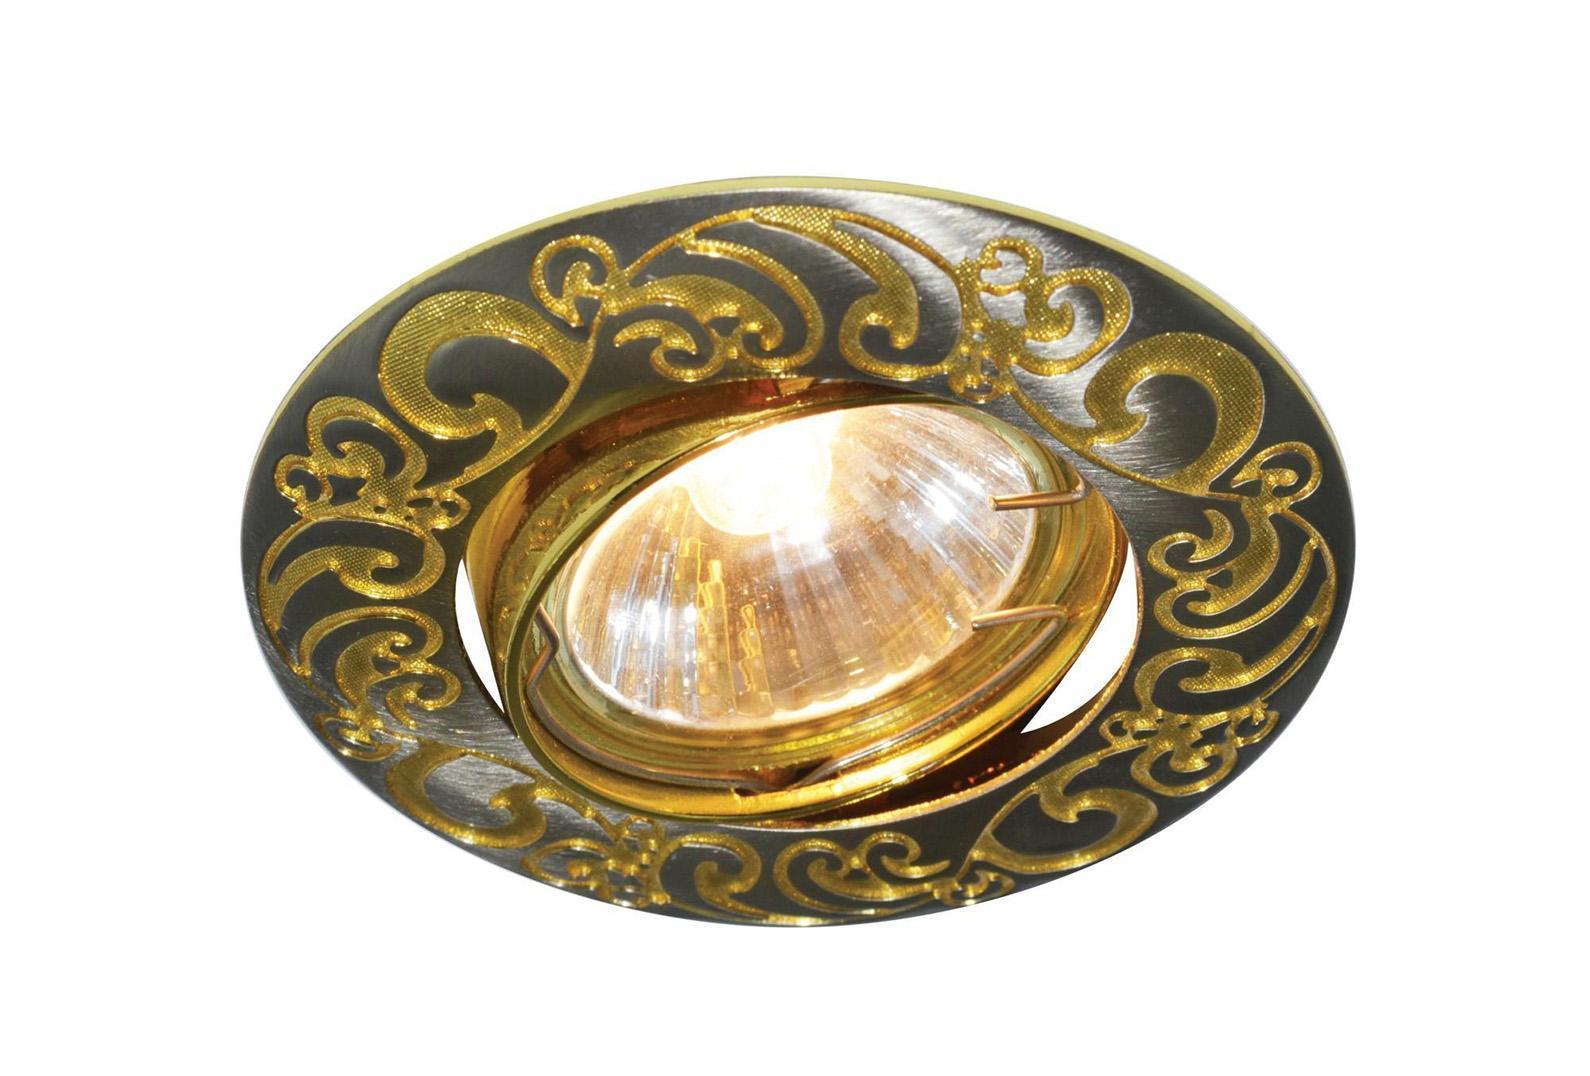 A5108PL-3GA WOOD Встраиваемый светильникA5108PL-3GA3x50W; патроны в комплекте GU10 и G5.3 Материал: Арматура: Металл, литьеРазмер: 92x92x22Цвет: Античное золото